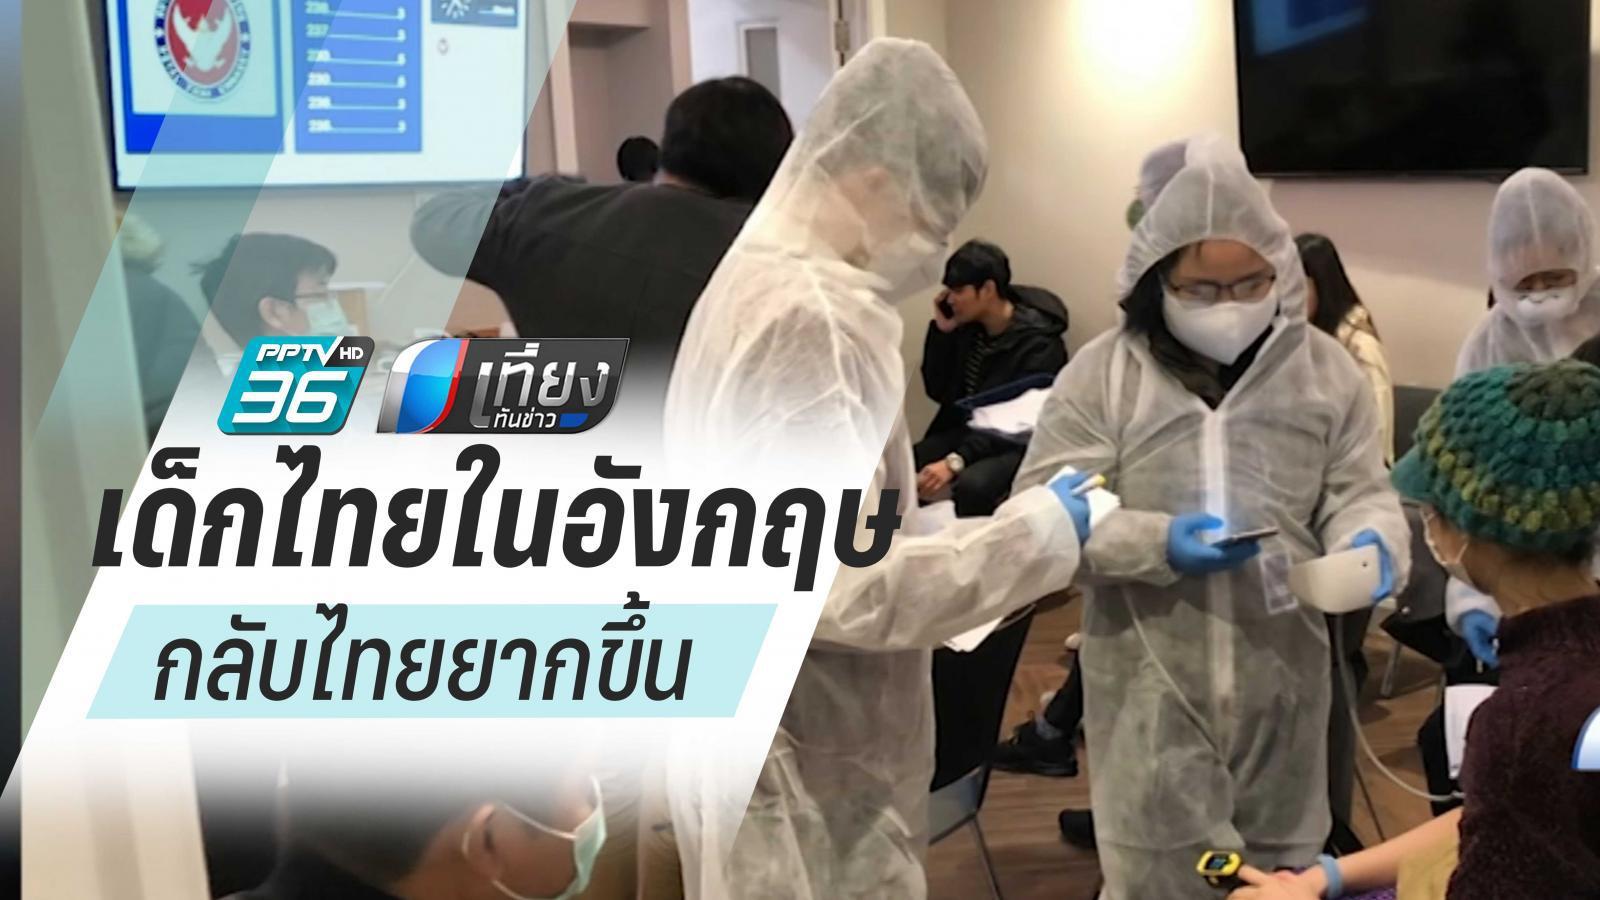 เปิดใจ! เด็กไทยในอังกฤษ กลับไทยลำบาก เหตุรอใบรับรองแพทย์นาน